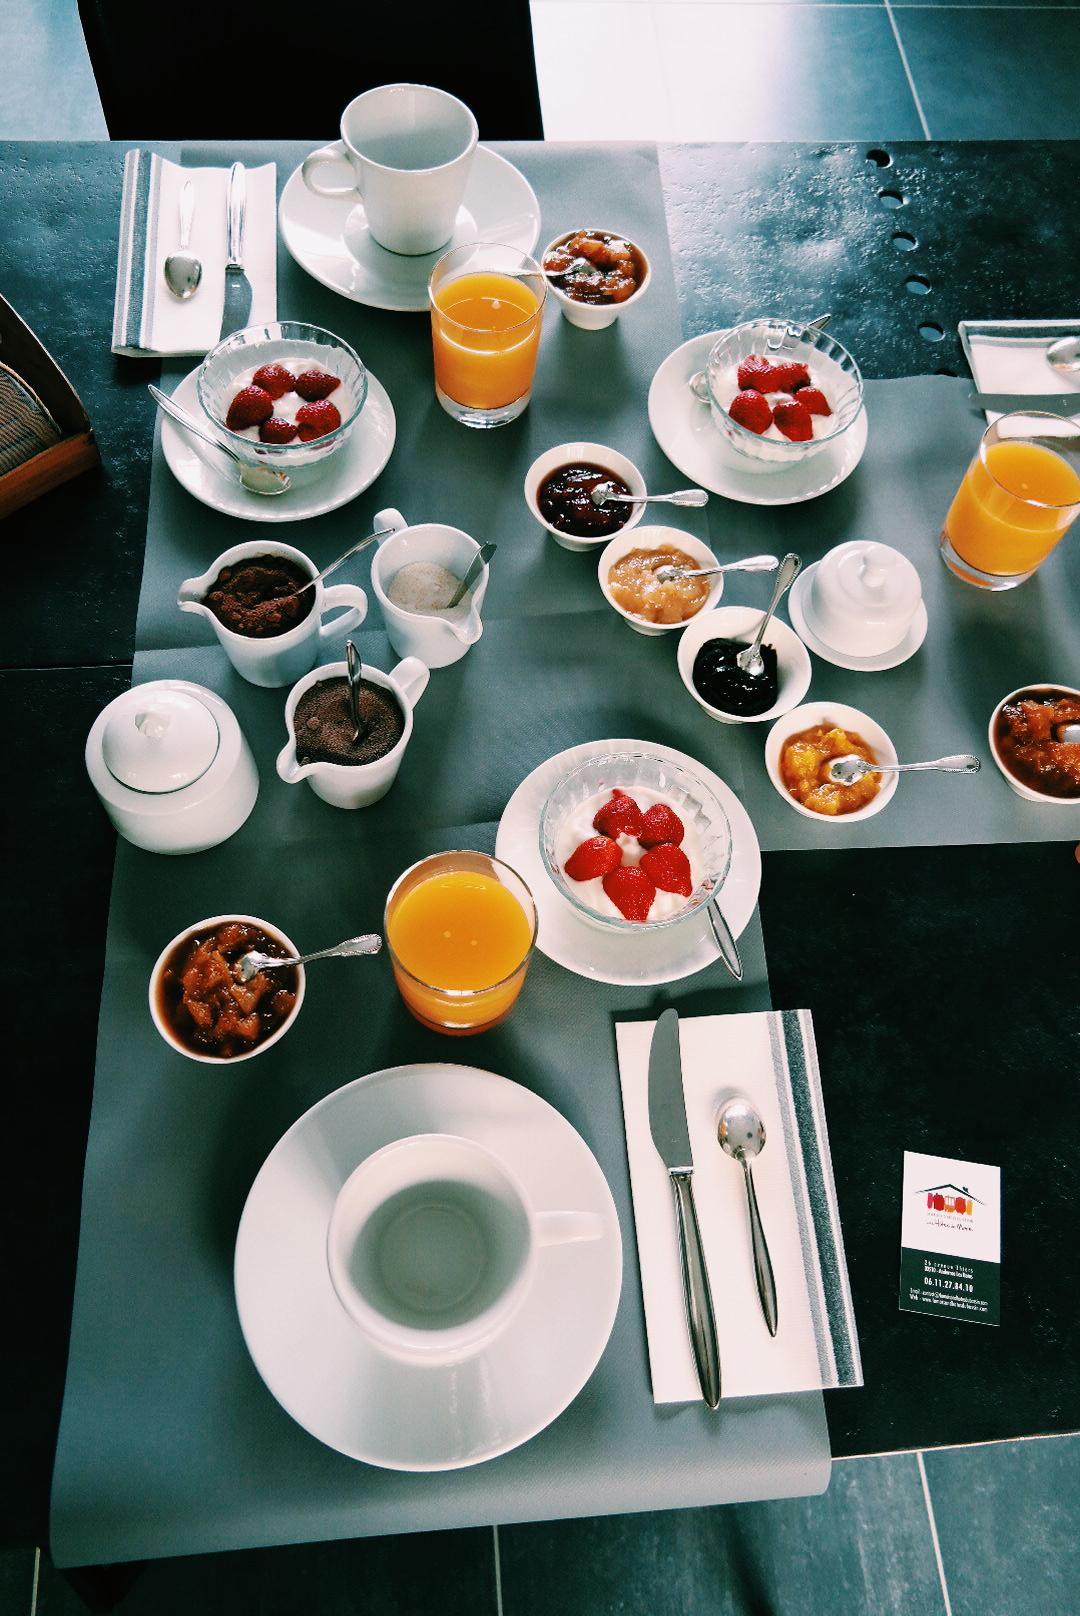 Table-petit-déjeuner-breakfast-Les-Hôtes-de-Marie-Grelaud-maison-d-hote-du-bassin-Arcachon-Andernos-les-bains-avenue-Thiers-se-loger-vraies-vacances-photo-by-united-states-of-paris-blog